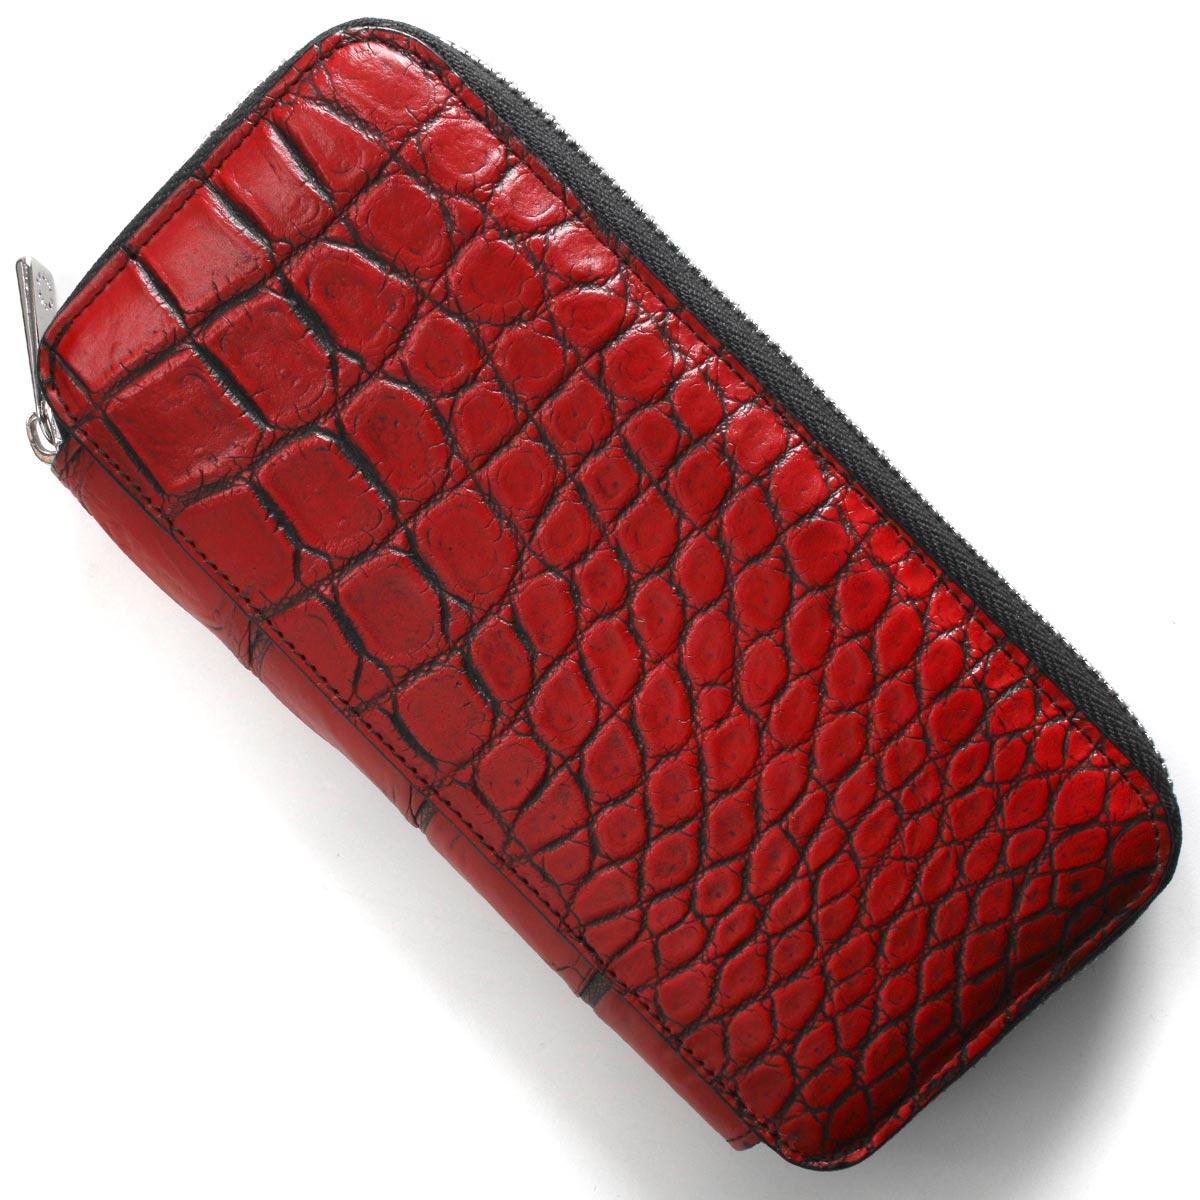 本革 長財布 財布 メンズ レディース クロコ レッド&ブラック DRS163 RDBK Leather